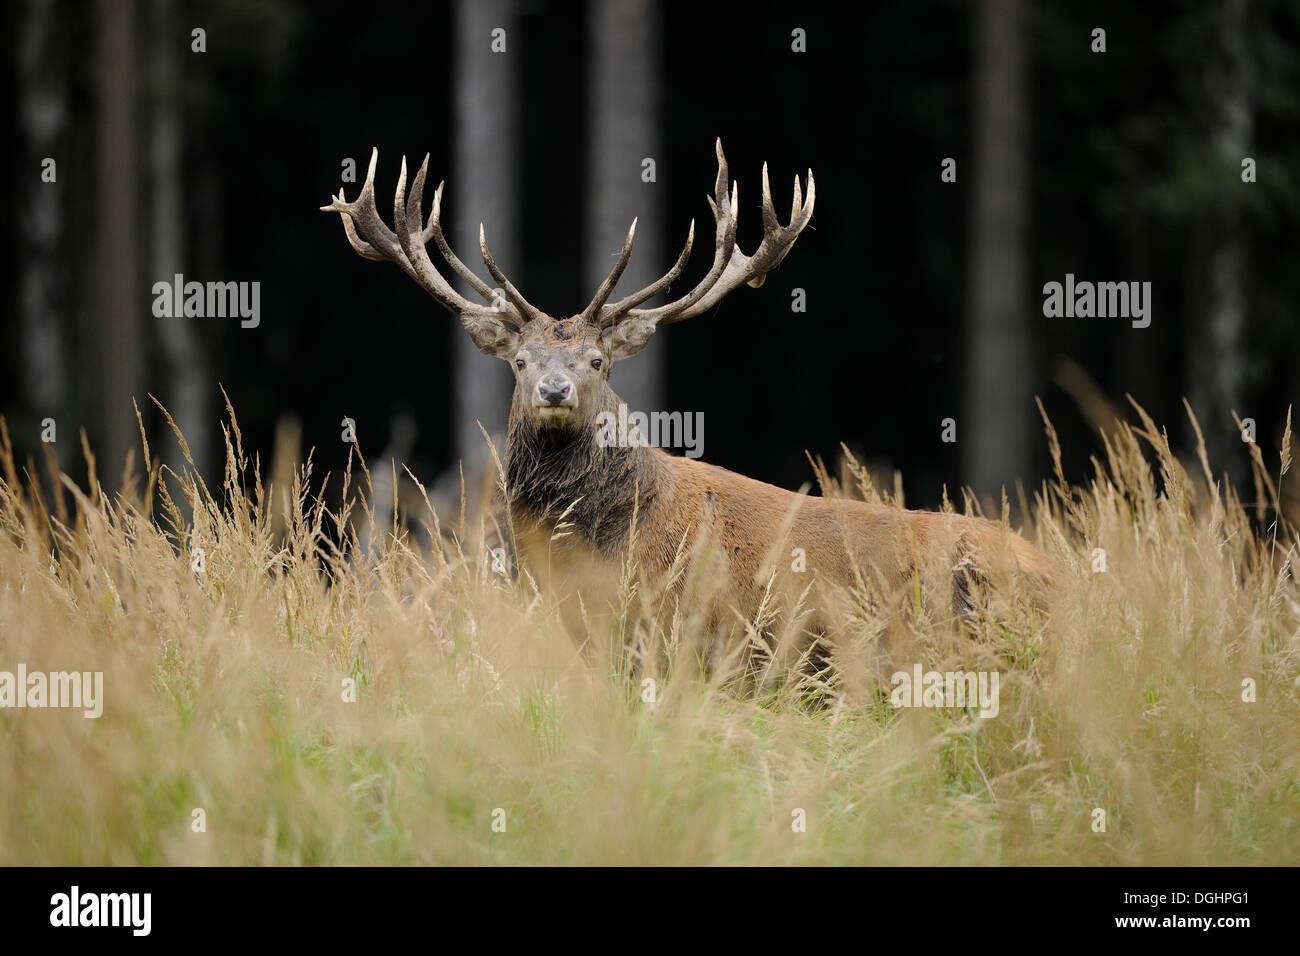 Red Deer (Cervus elaphus), Stag, captive, Basse-Saxe, Allemagne Banque D'Images